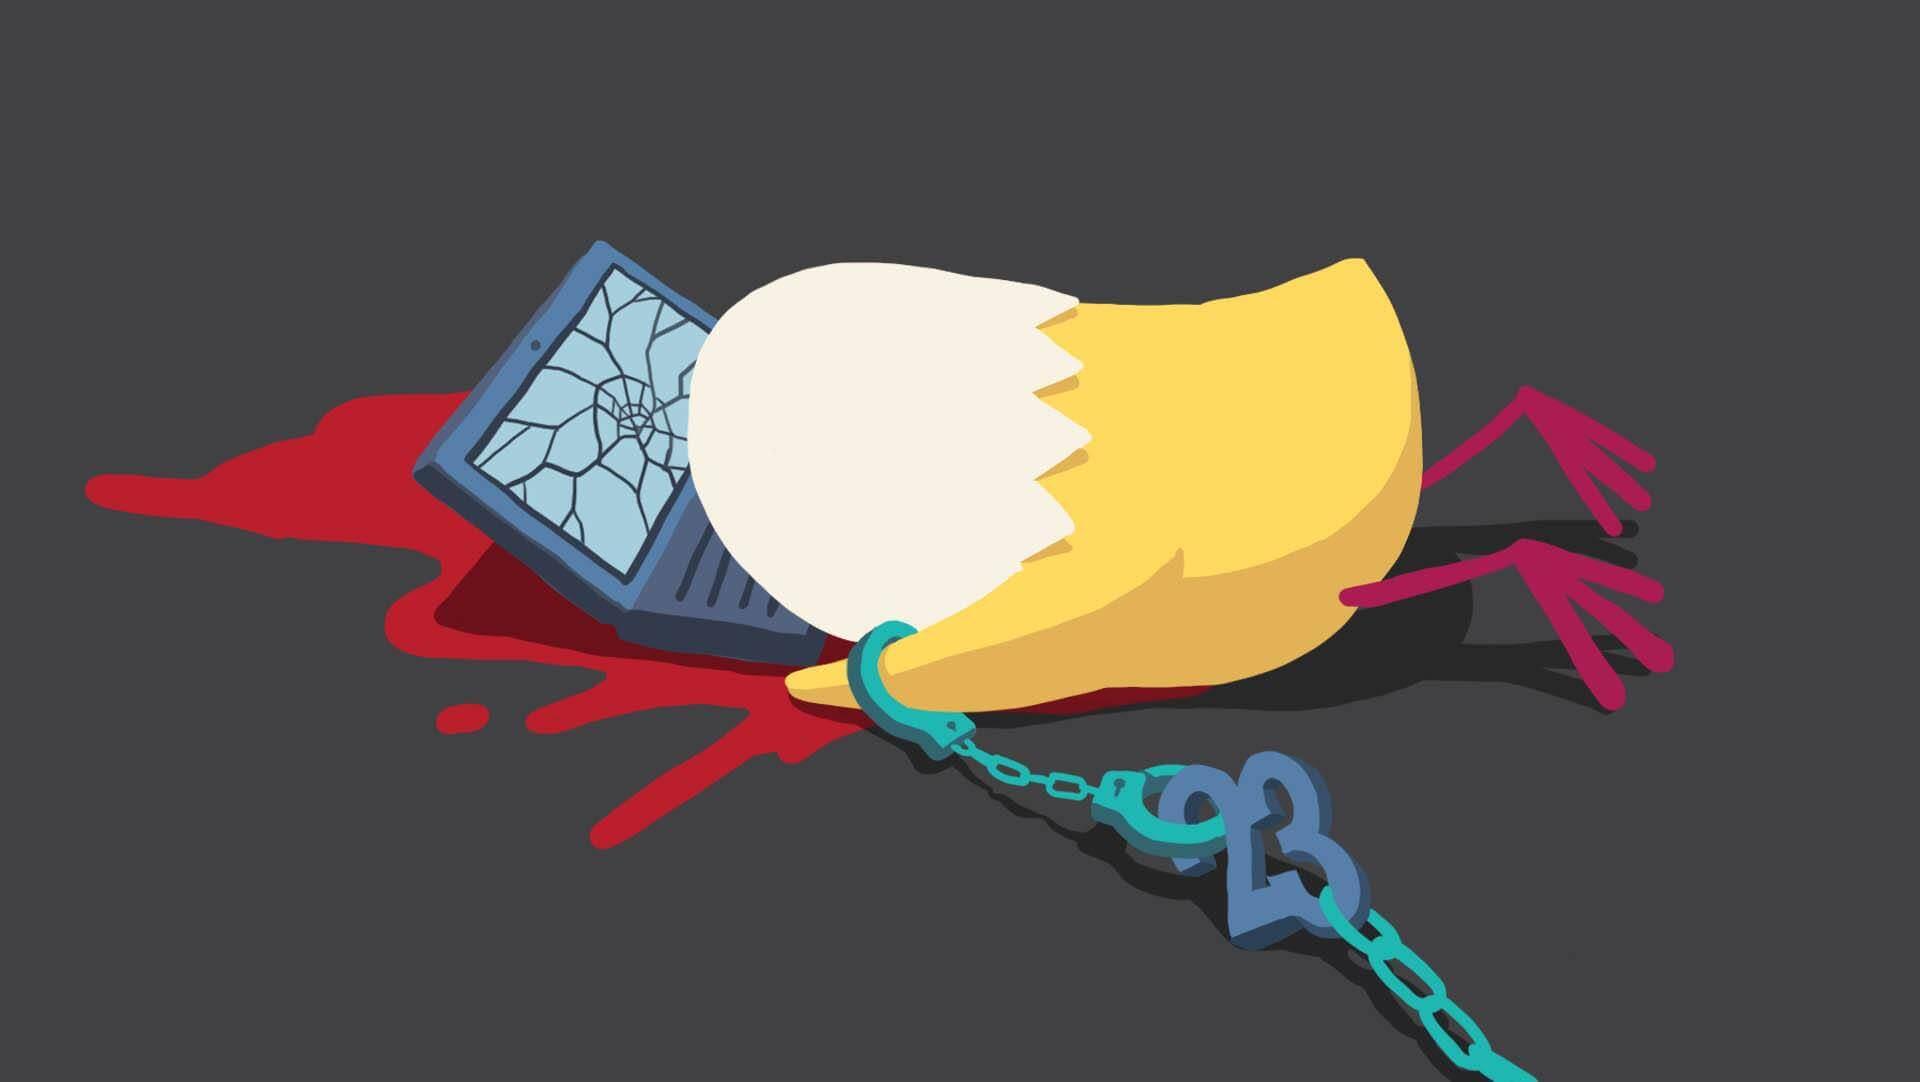 有插畫家發起繪圖聲援行動,以「畫一個已死的自己……表達(網絡)23條通過後,很多創作人也會死」為題。圖為阿塗當時畫作。